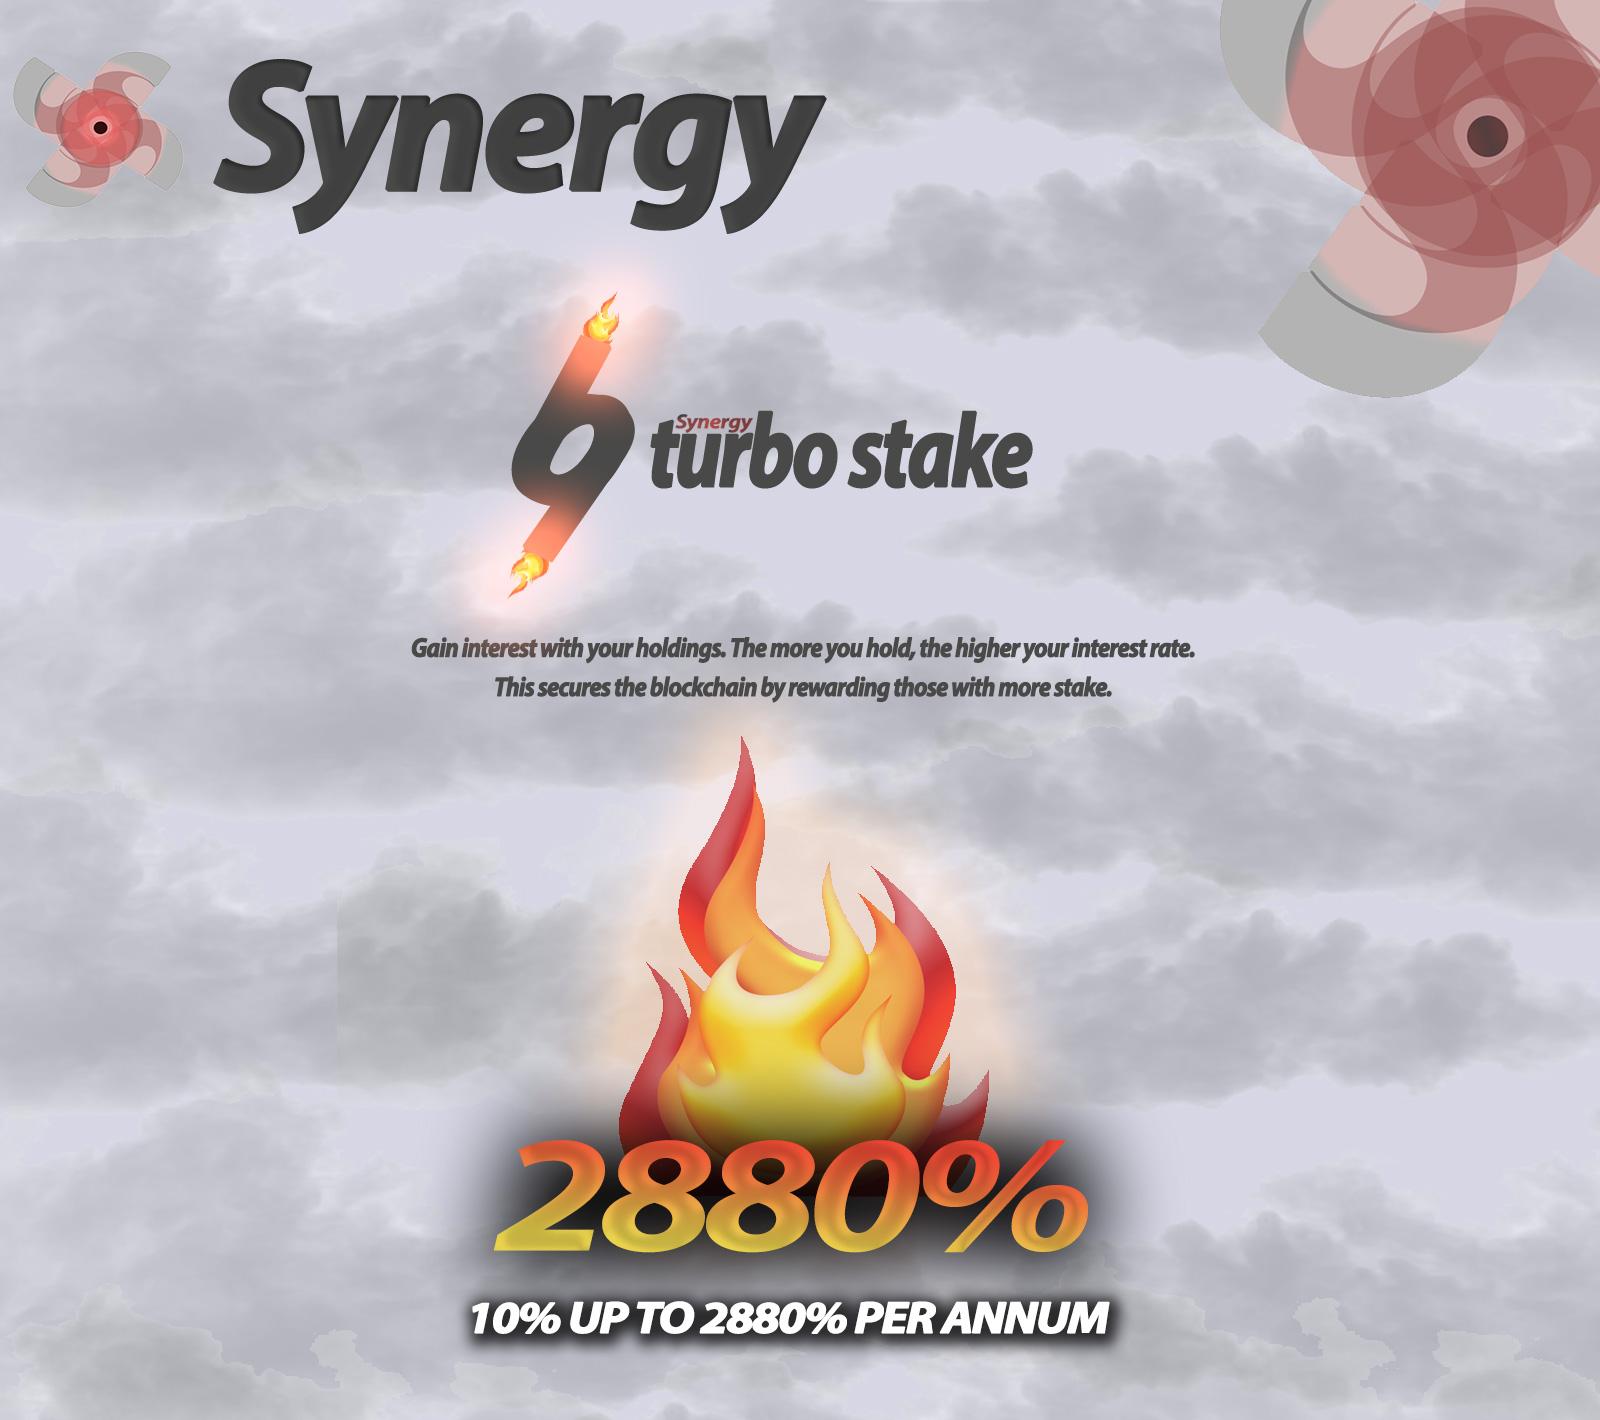 synergy coin